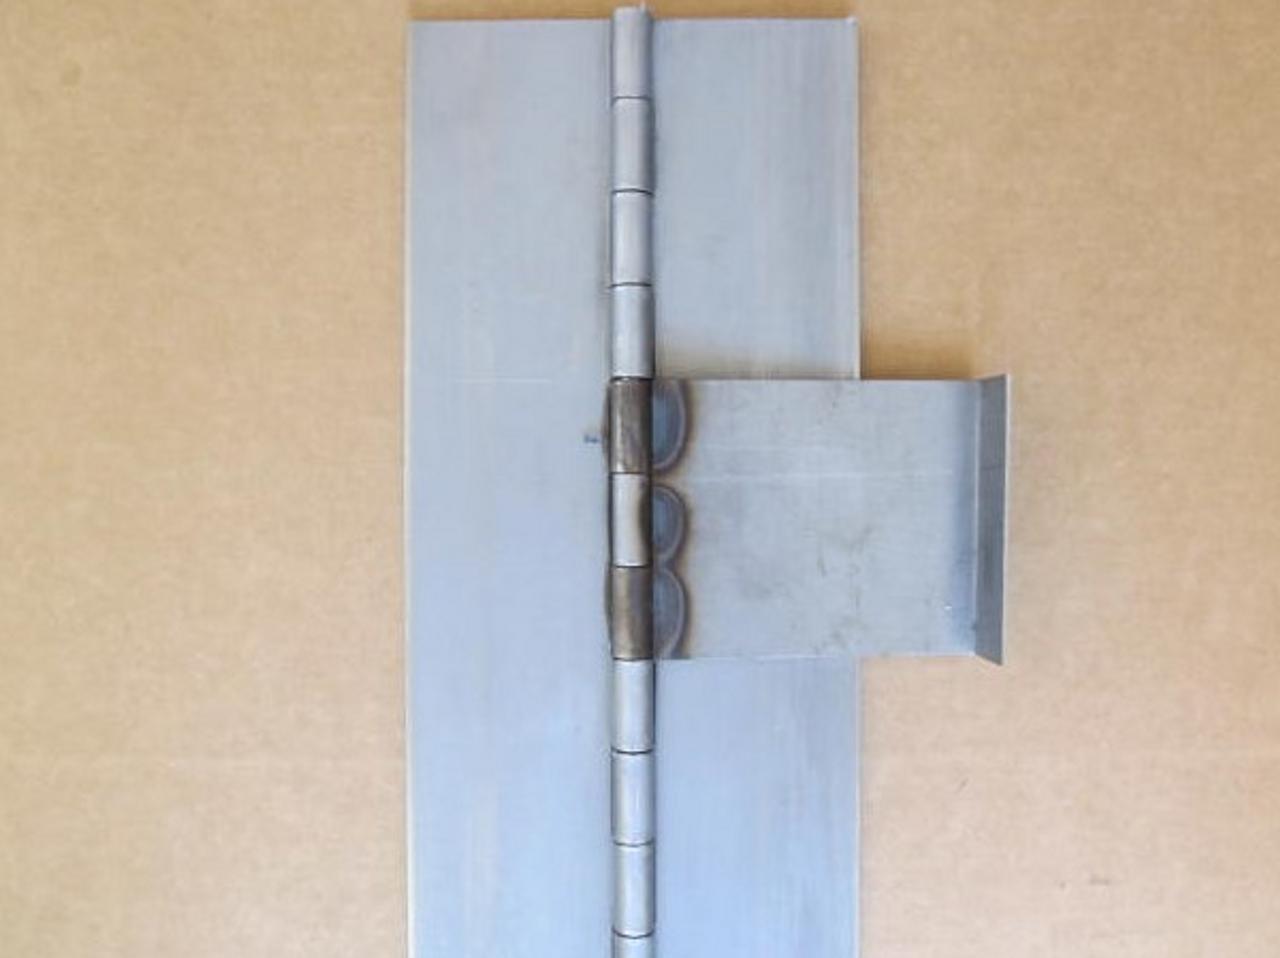 1947-1953 Spartan Door Hinge - (CHW152) ZOOMED VIEW